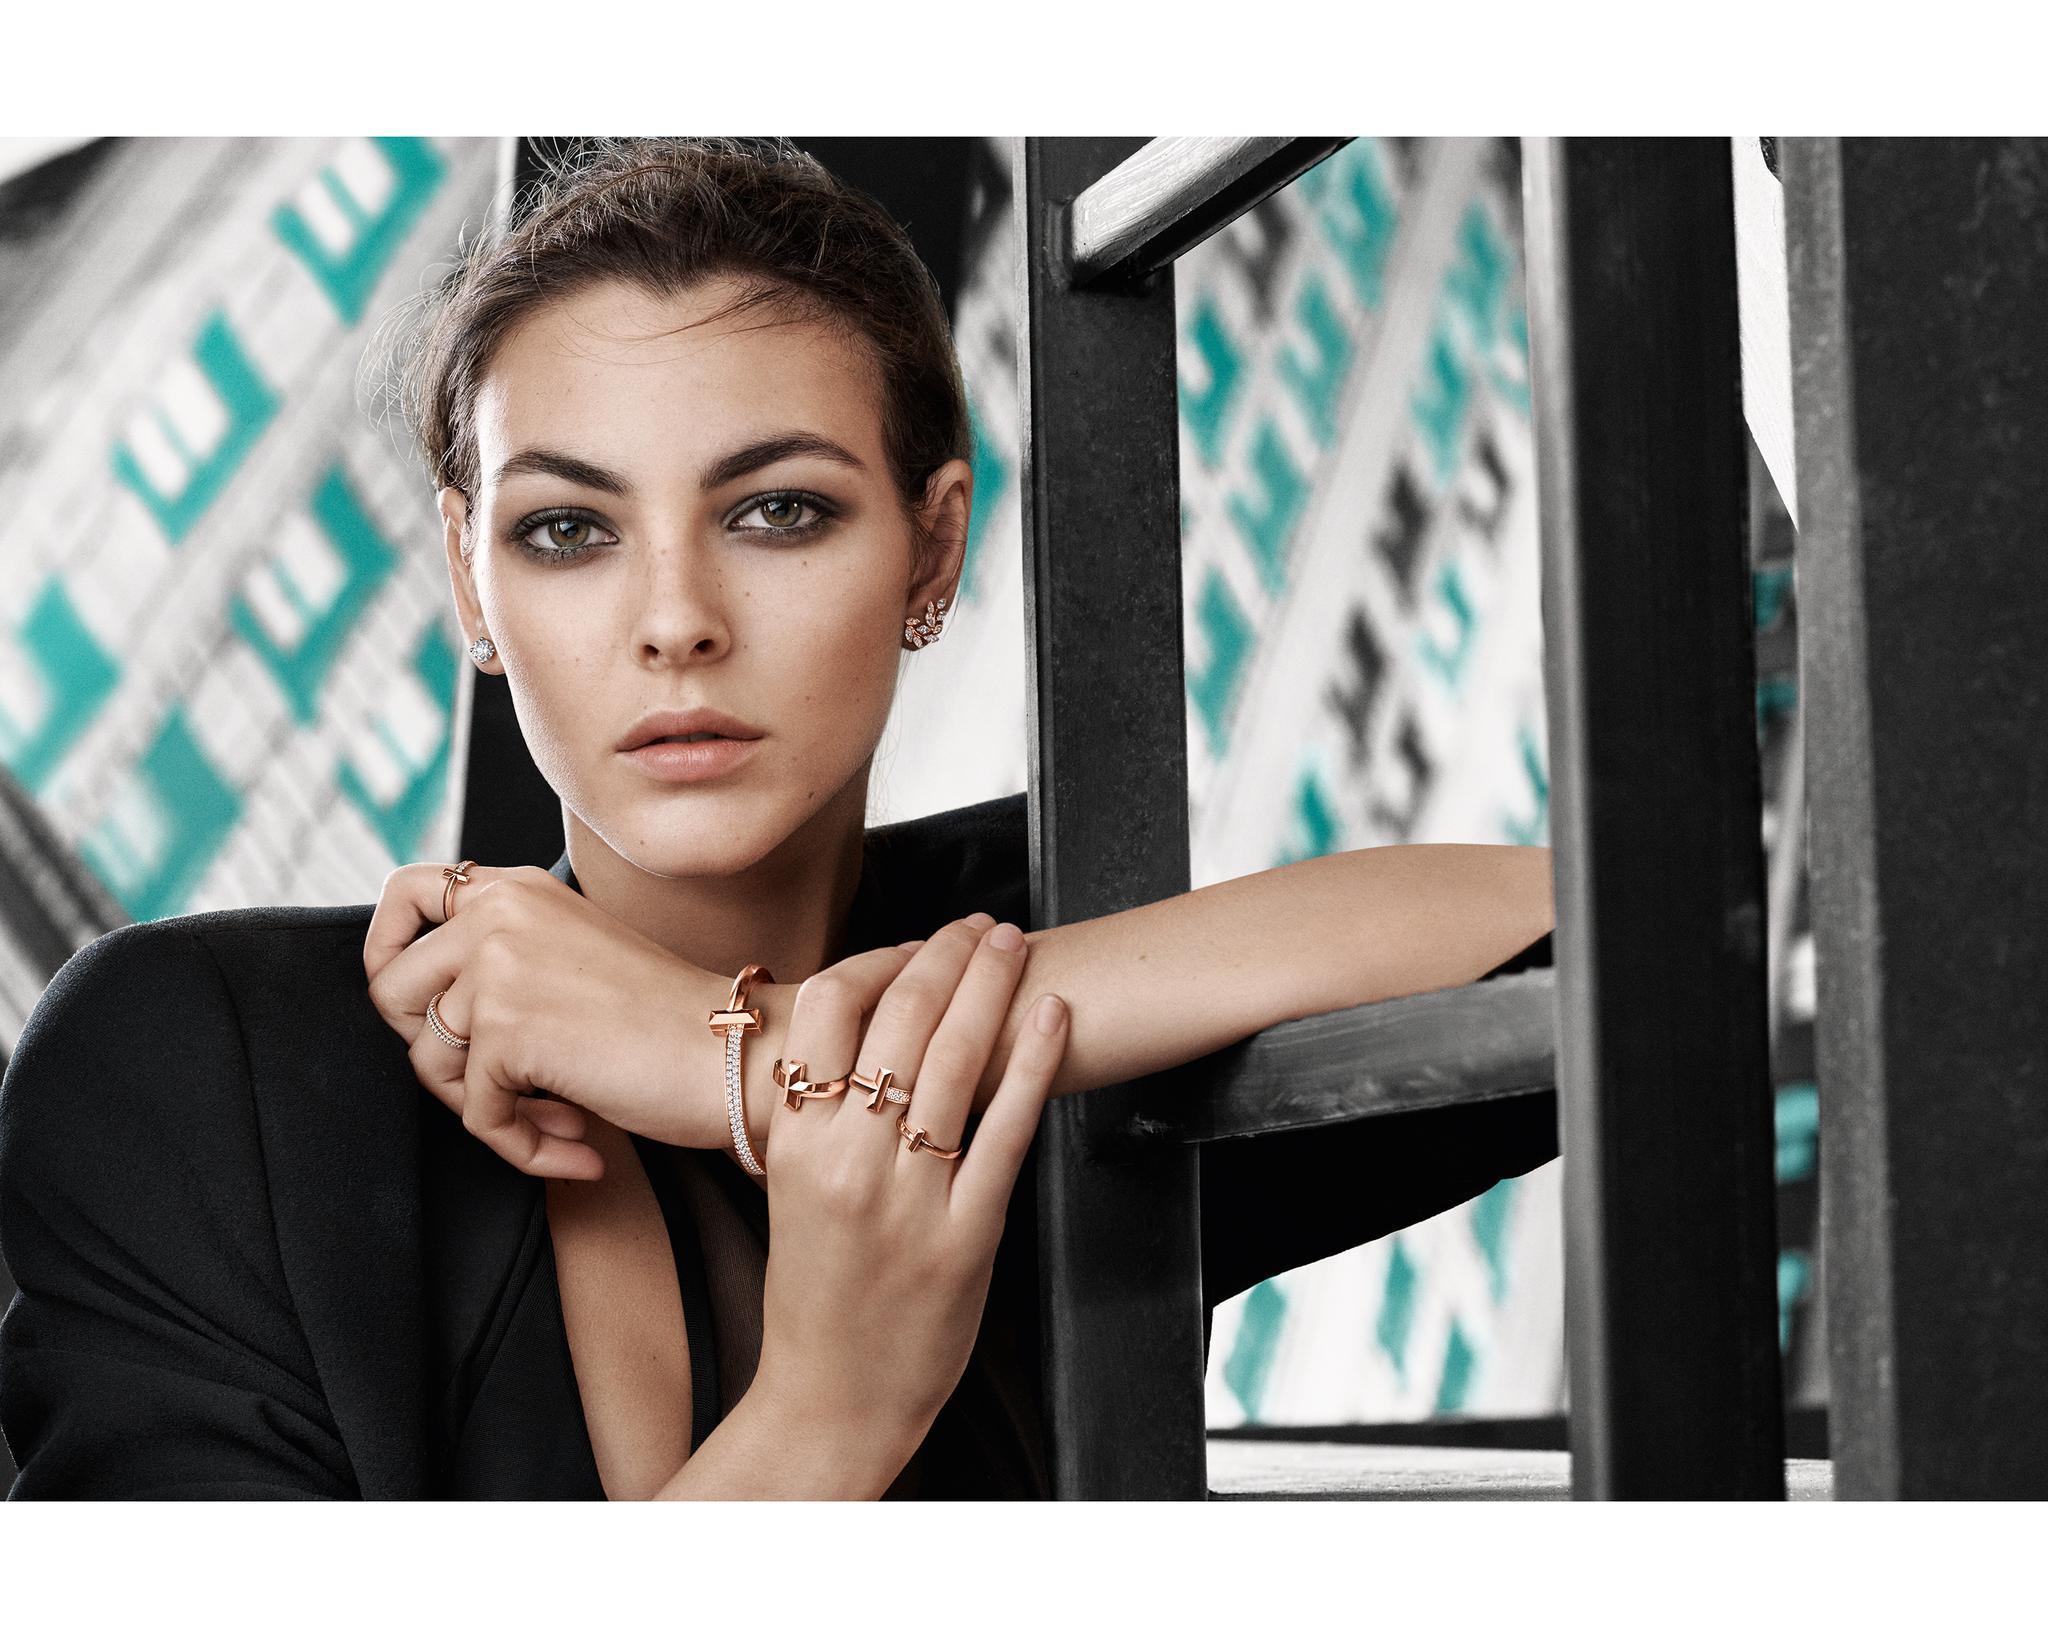 让女生们爱不释手的世界著名珠宝及腕表品牌Tiffany & Co